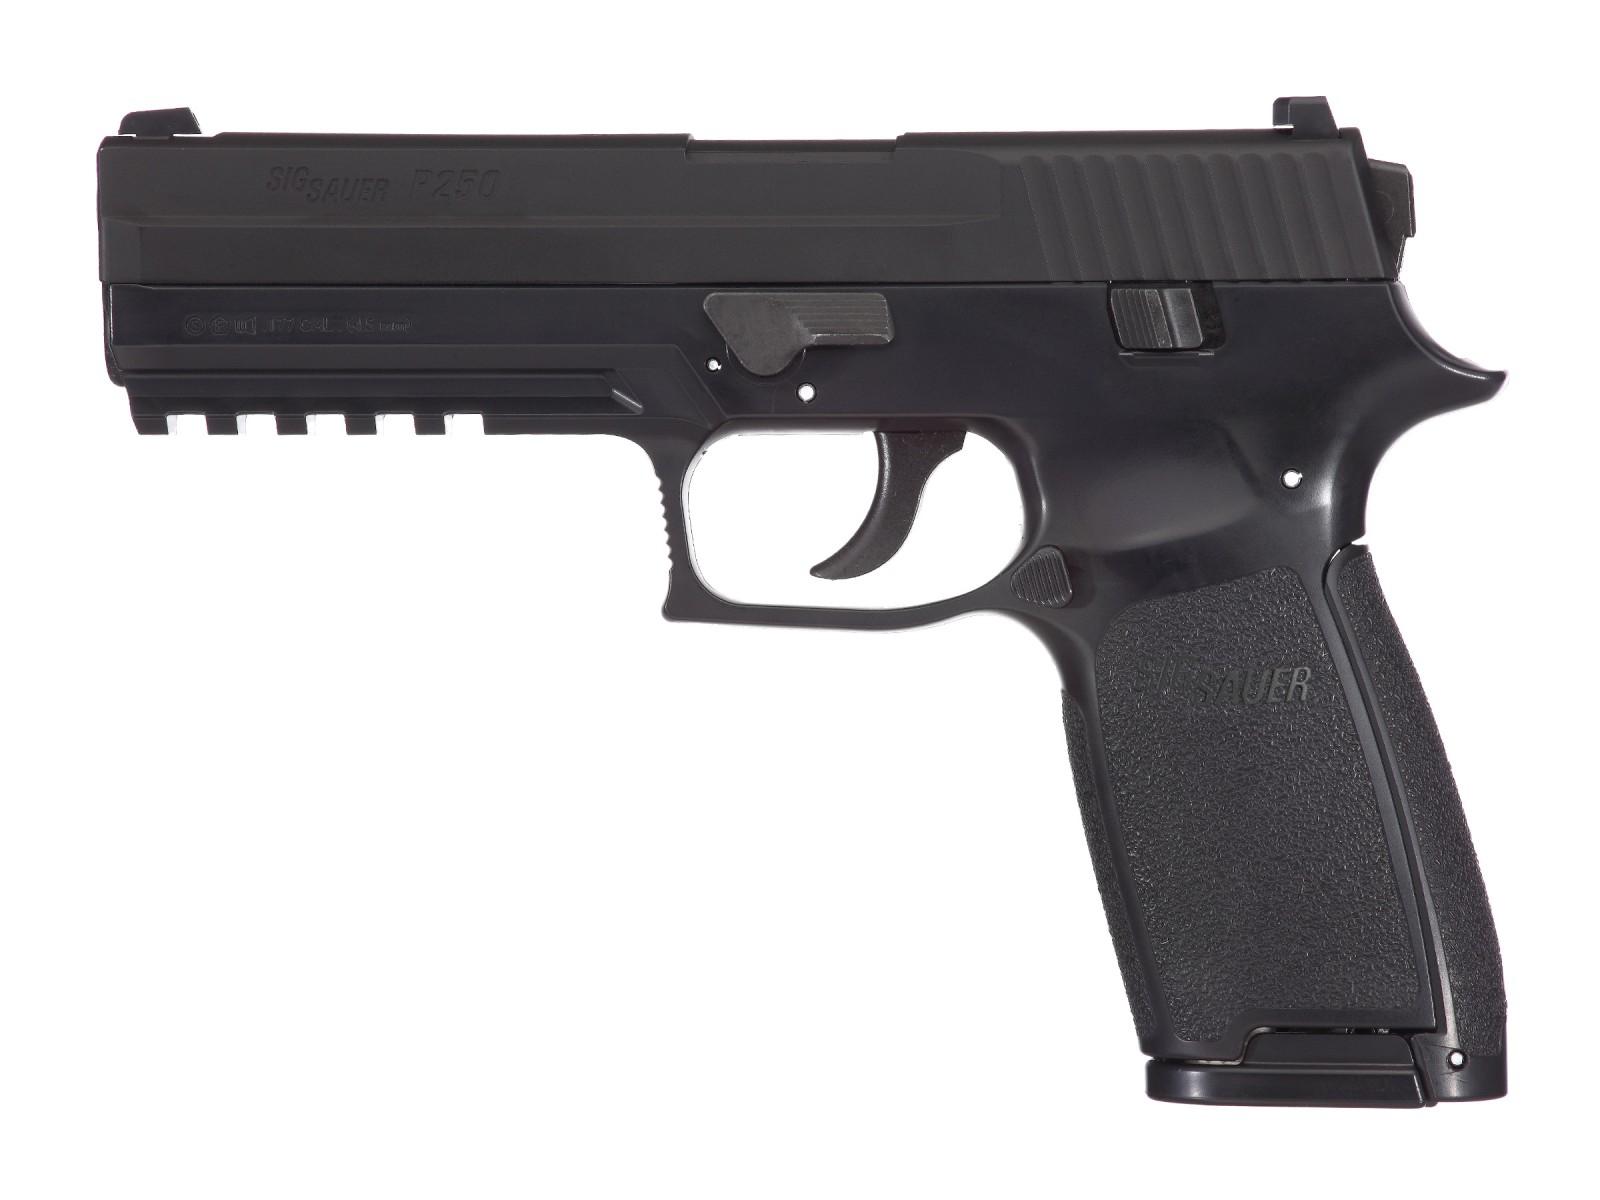 SIG Sauer P250.